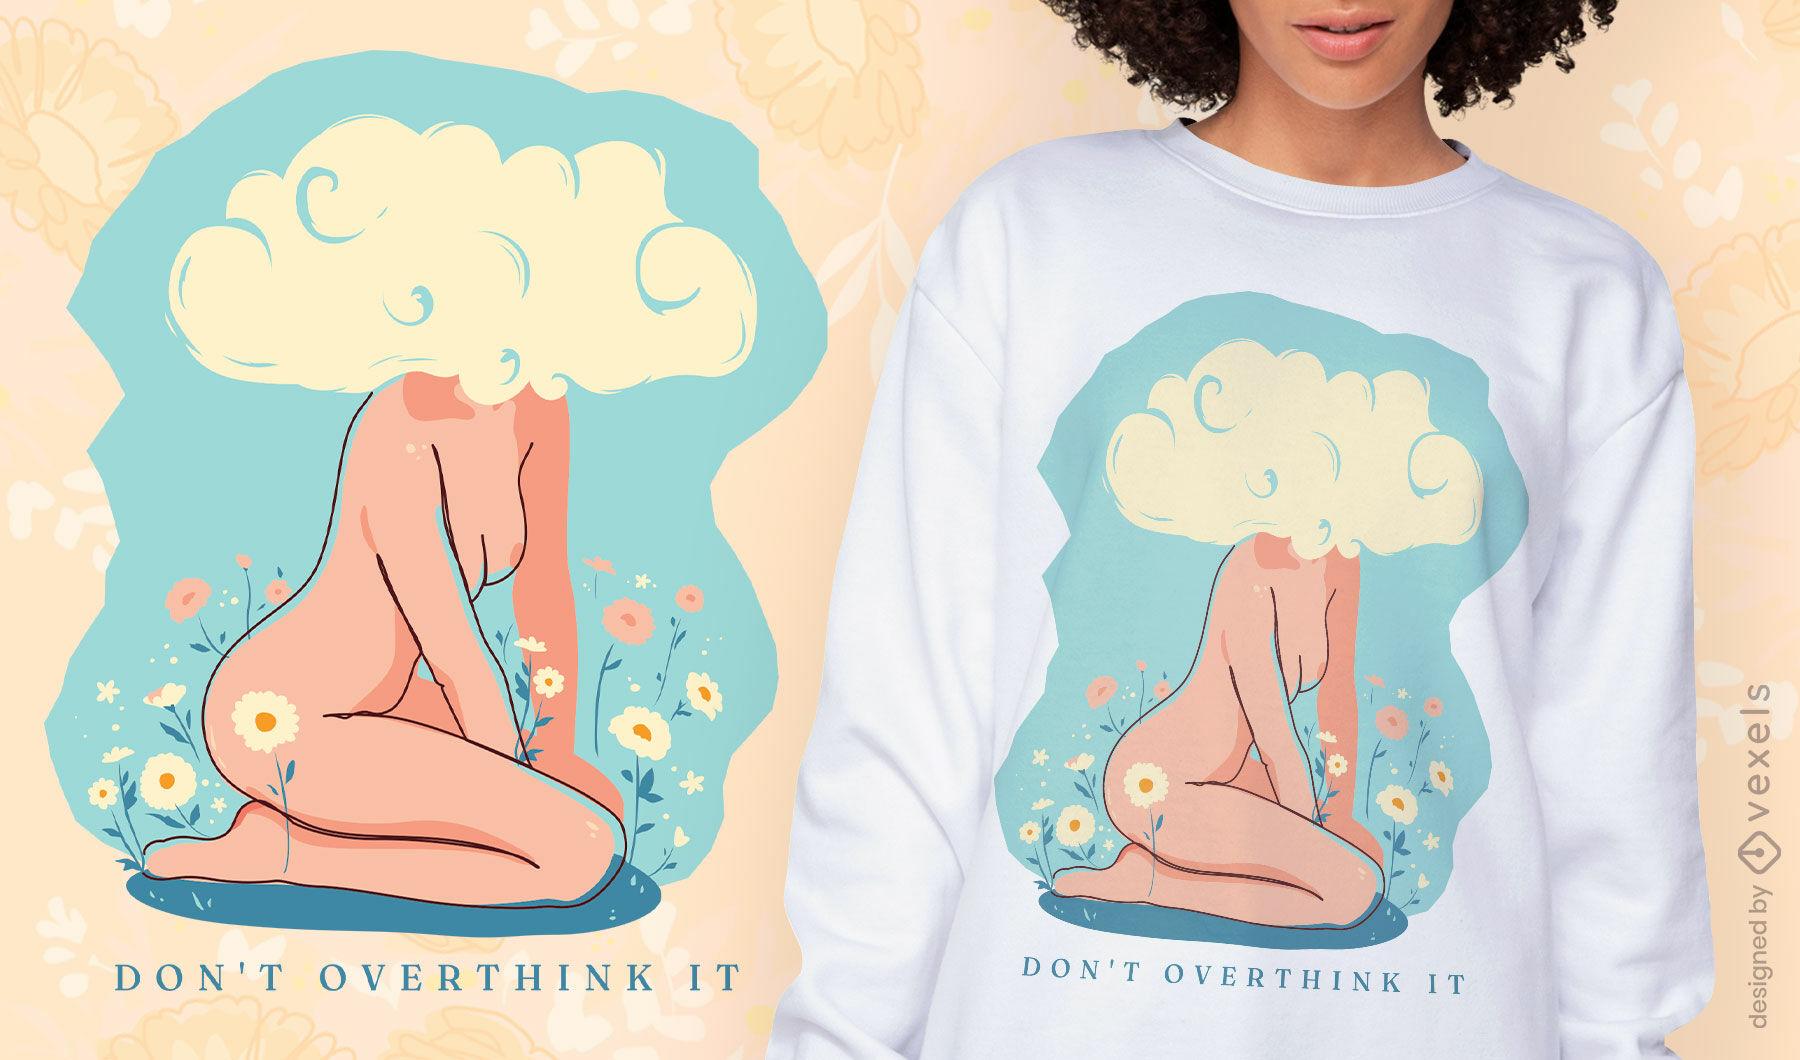 Pensando demais no design da t-shirt da cabeça da nuvem